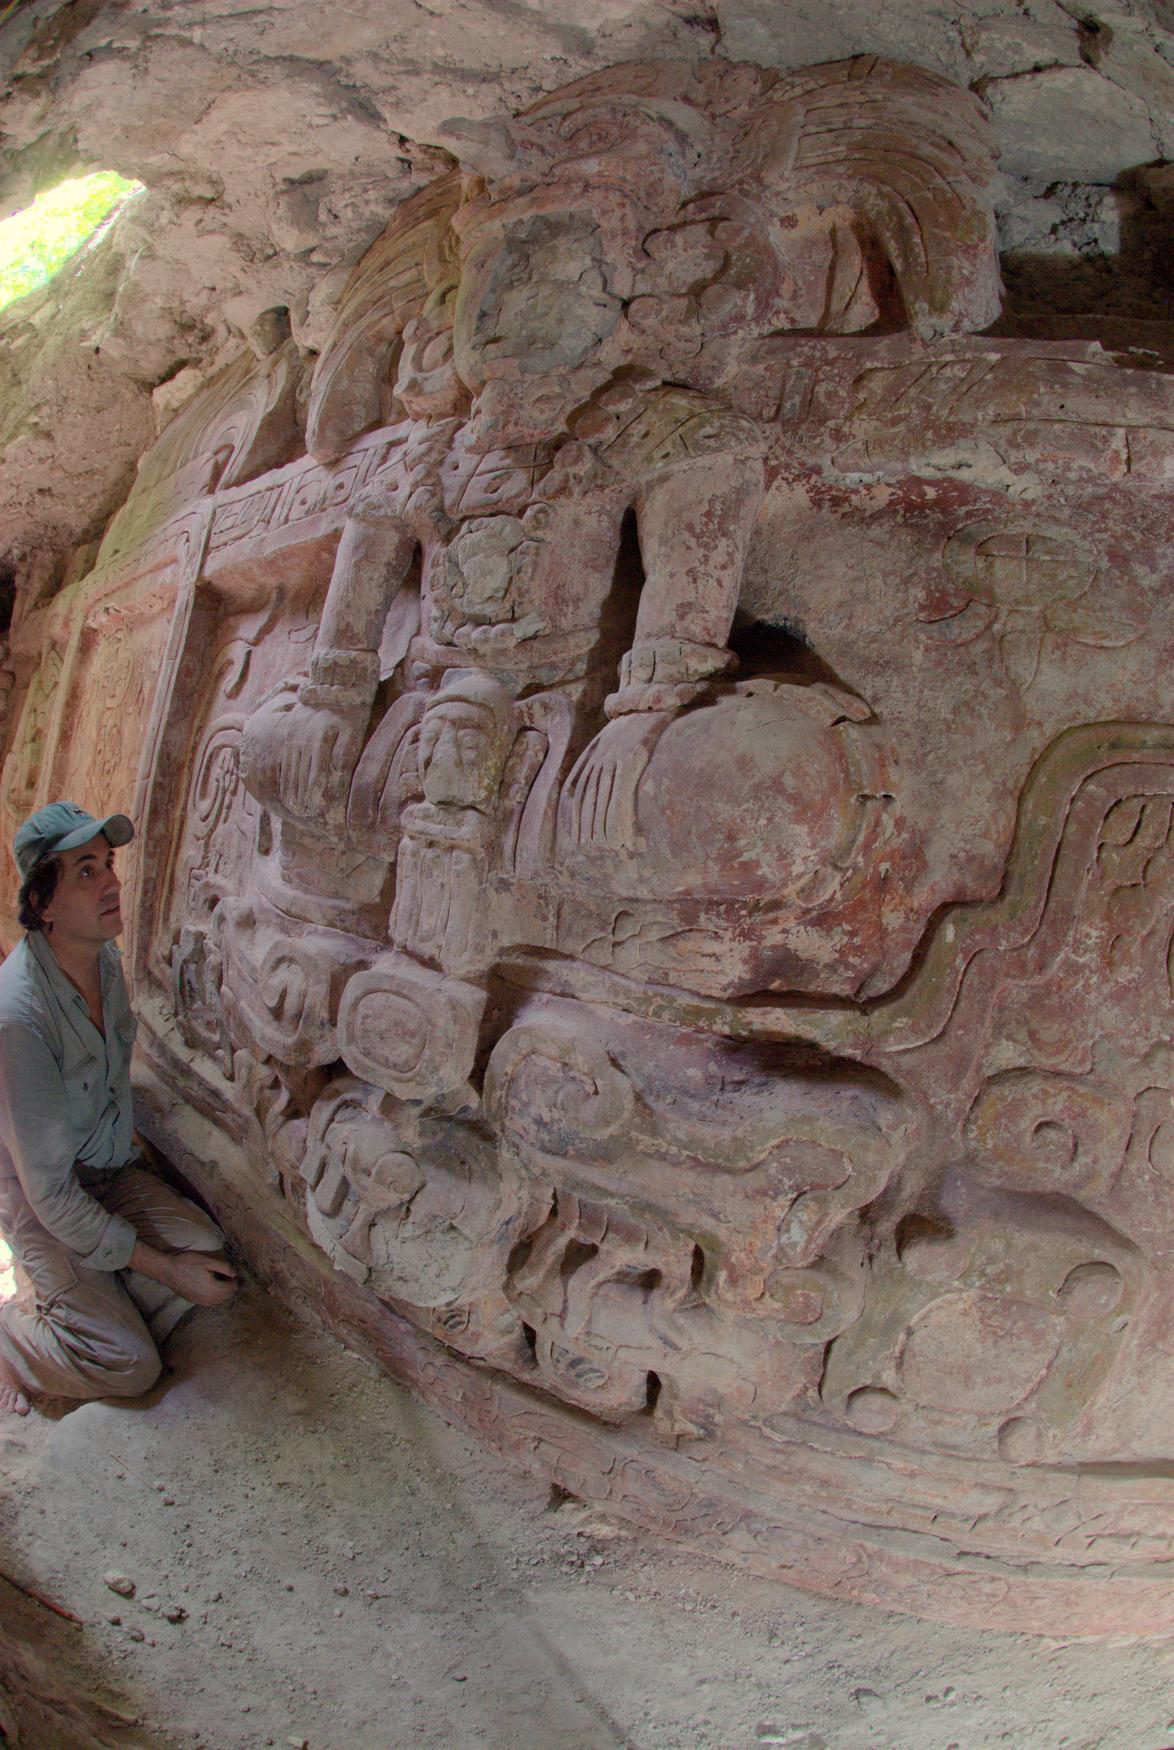 Archeologové objevili v Guatemale velkou mayskou skulpturu